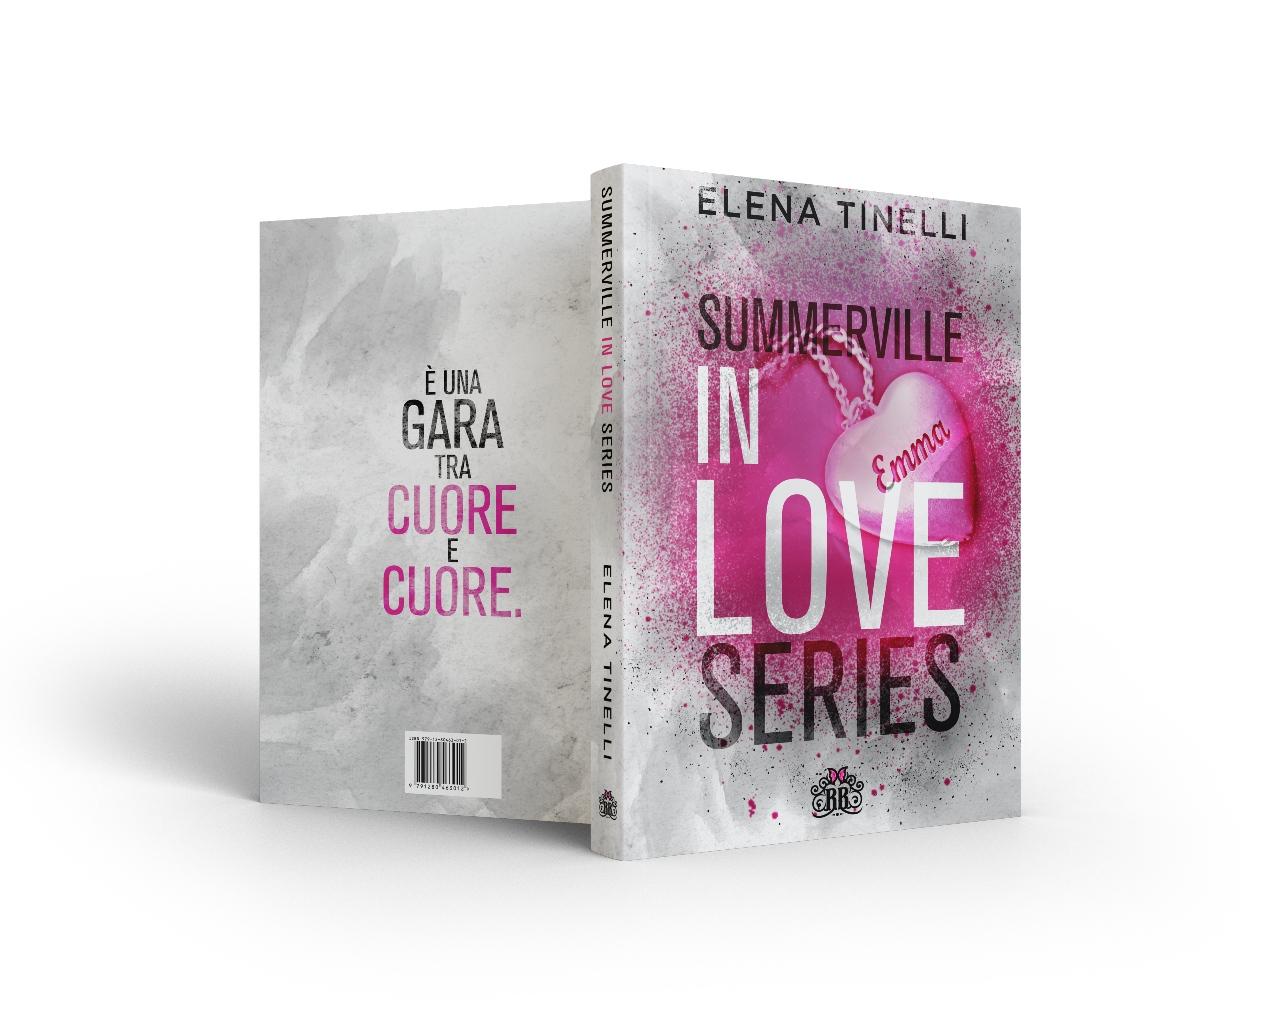 Royal Books Edizioni - Summerville in love series di Elena Tinelli